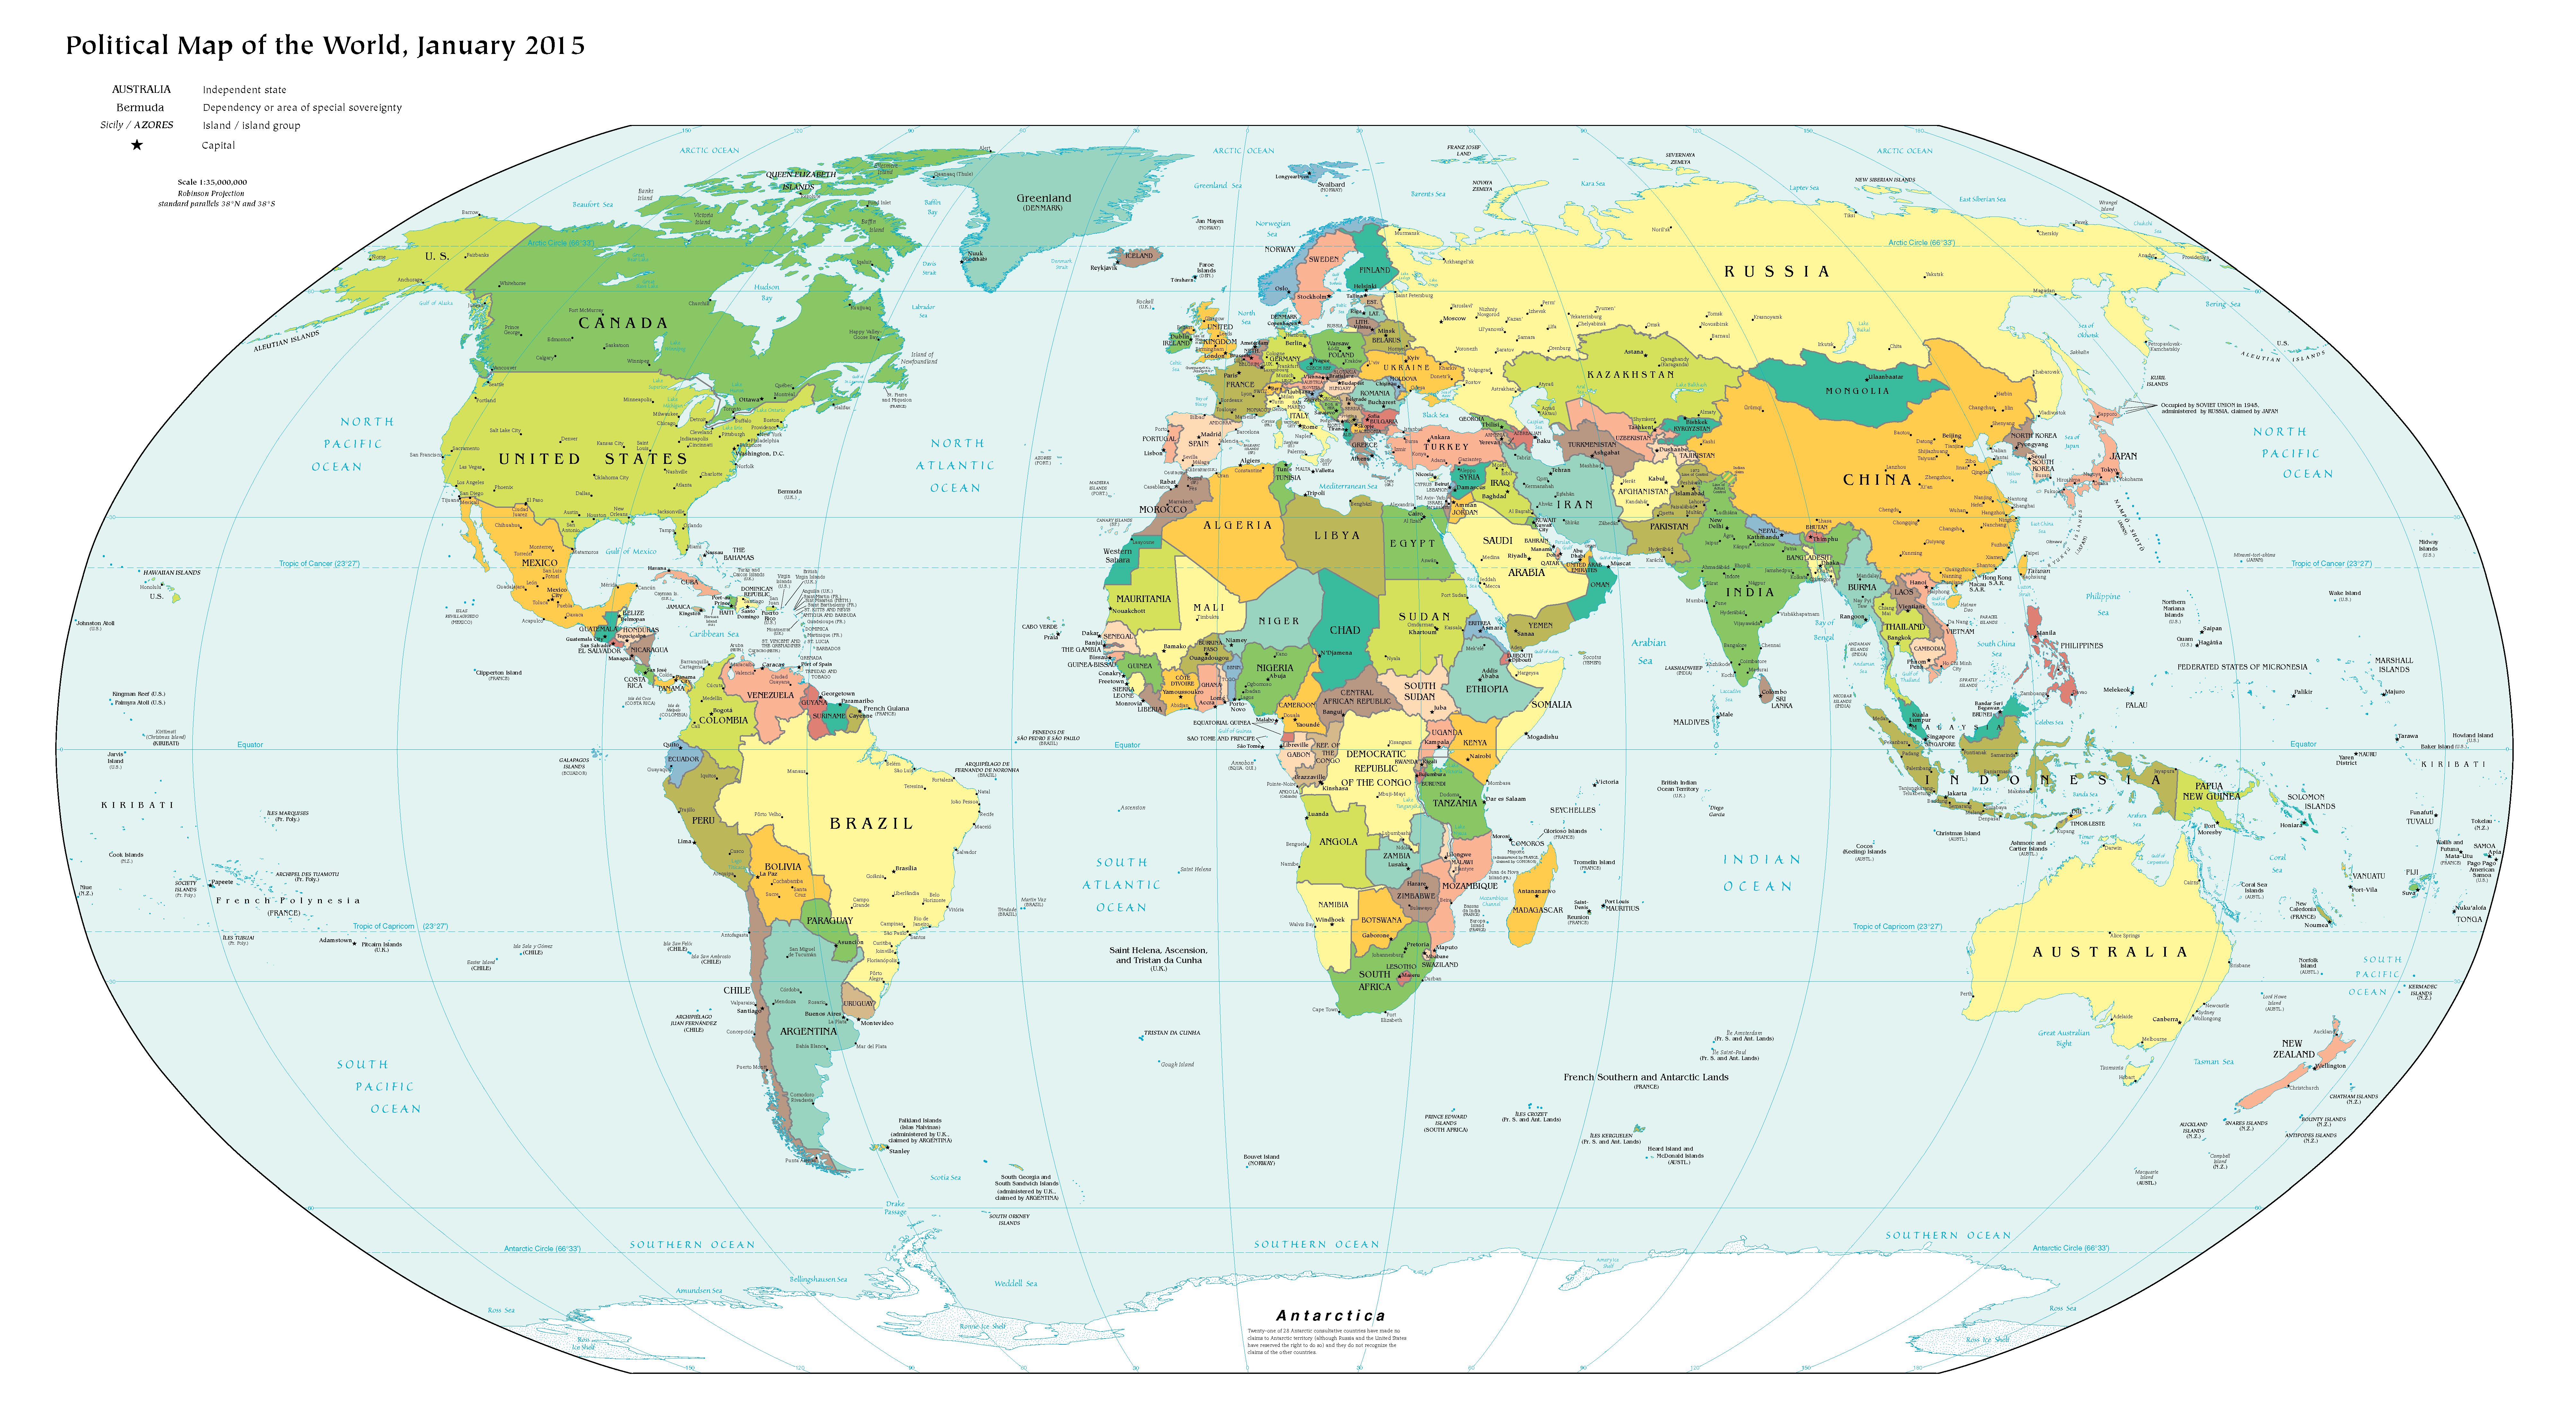 نقشه جغرافیایی جهان با کیفیت بالا Pdf و عکس Just Education